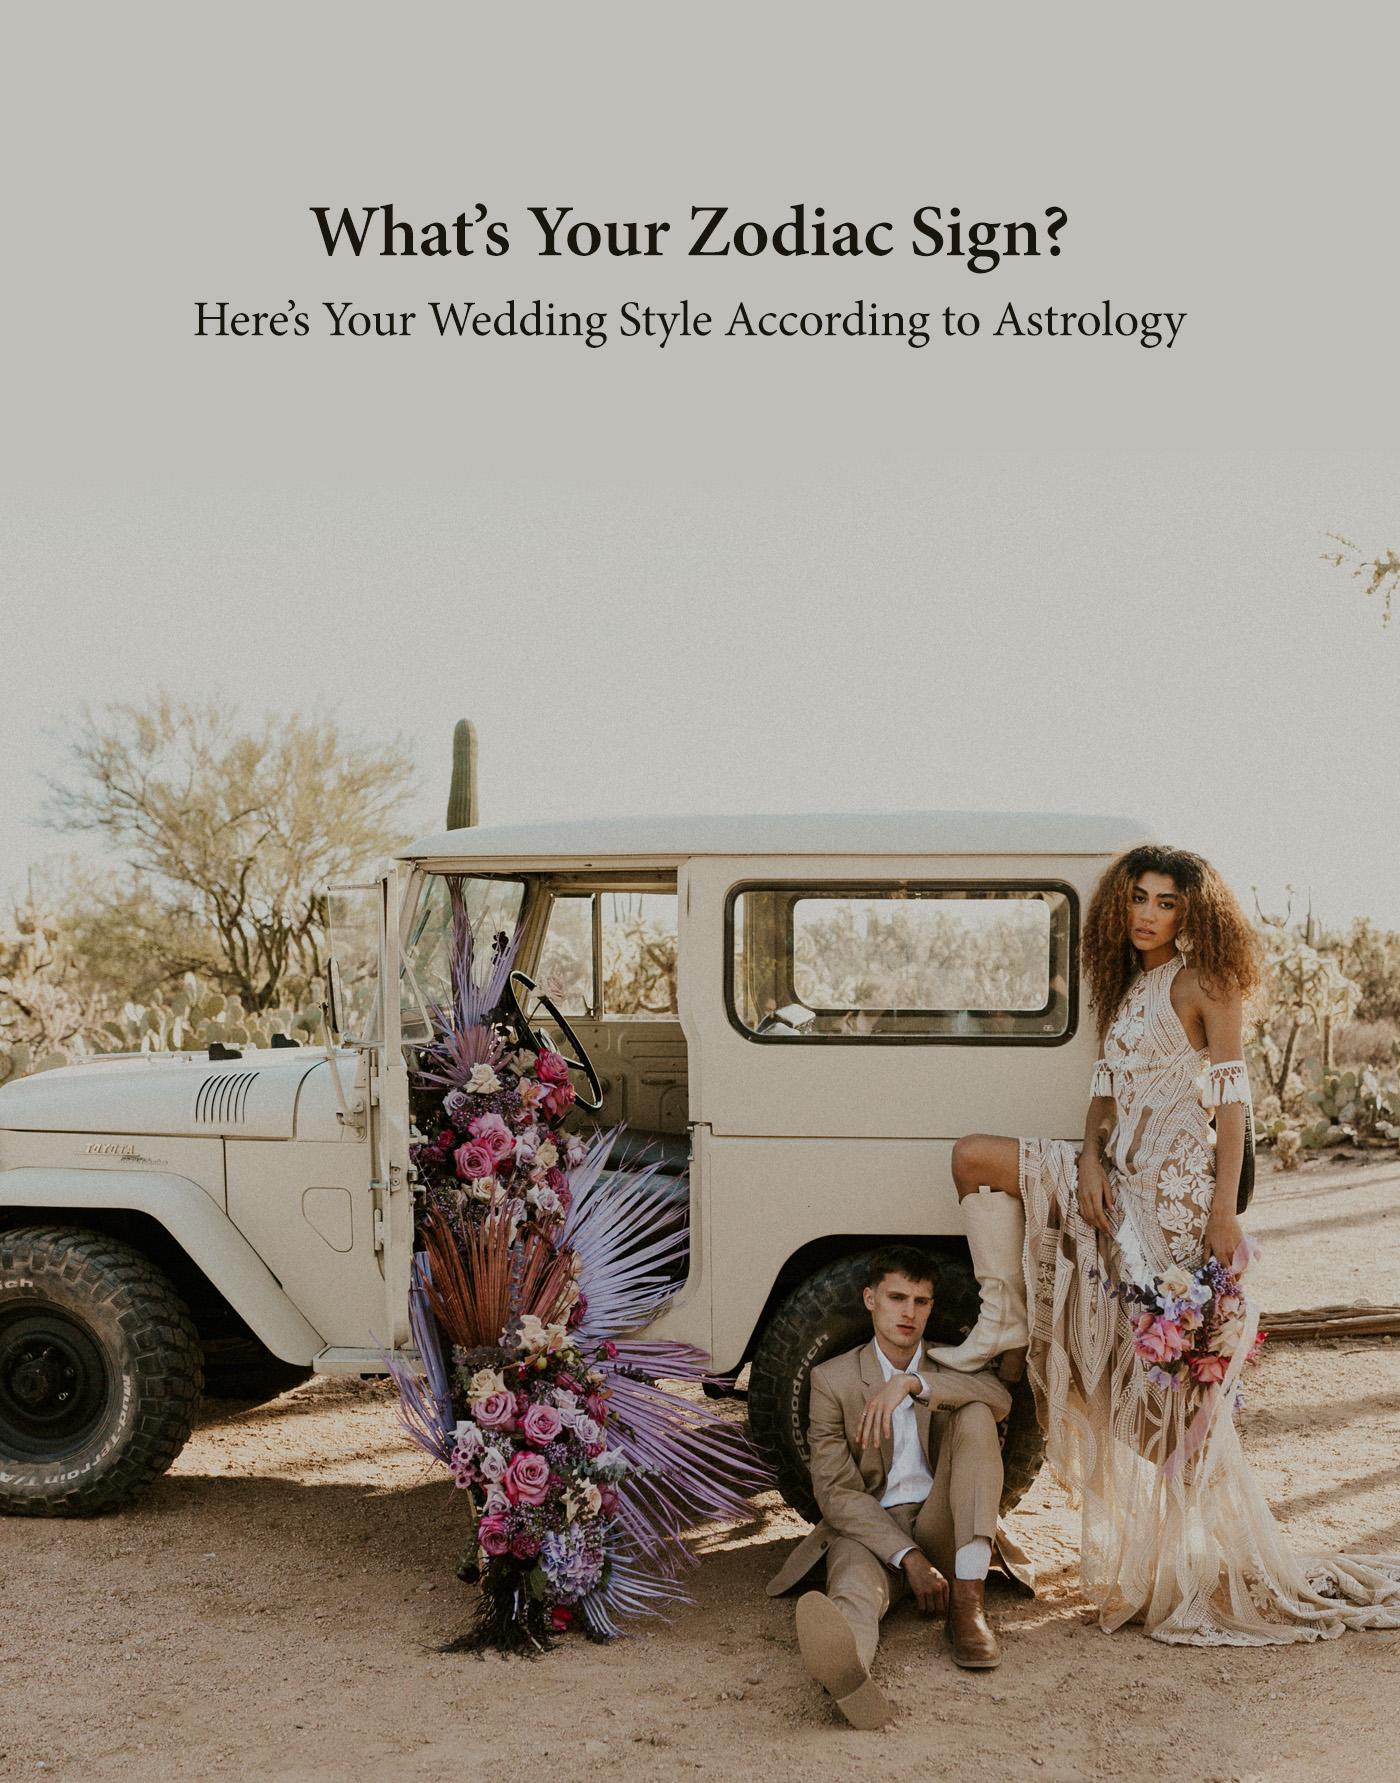 wedding style by zodiac sign